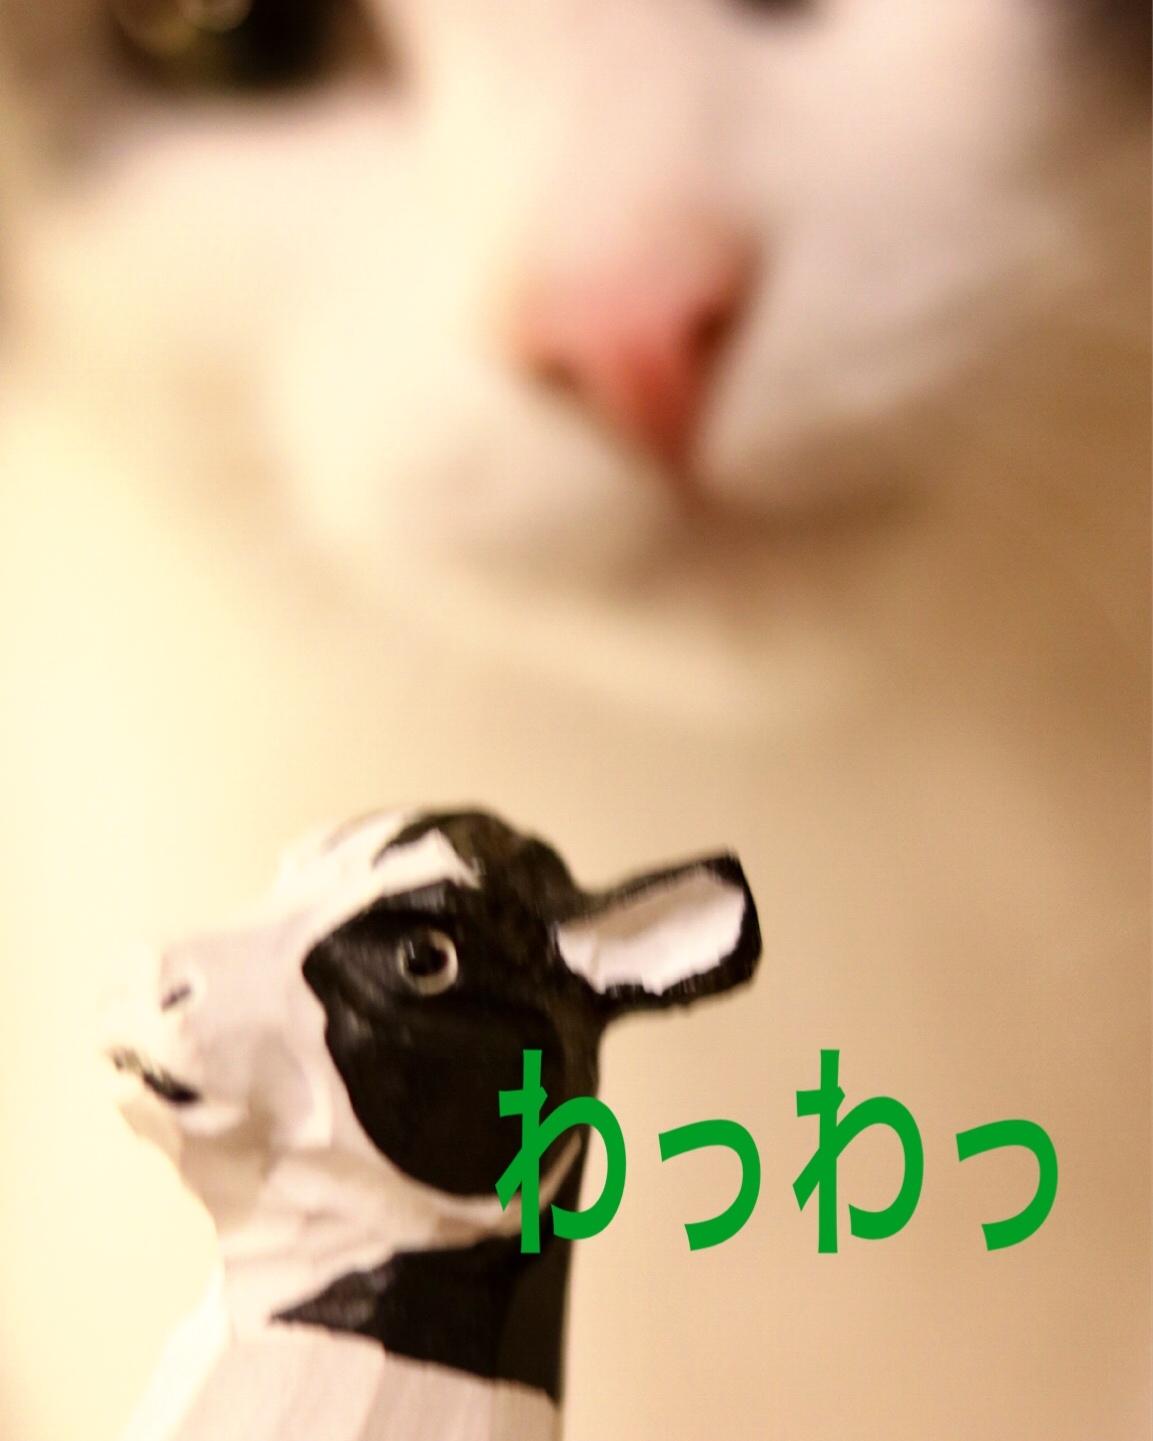 にゃんこ劇場「ふくちゃん、牛を食う?」_c0366722_21080316.jpeg